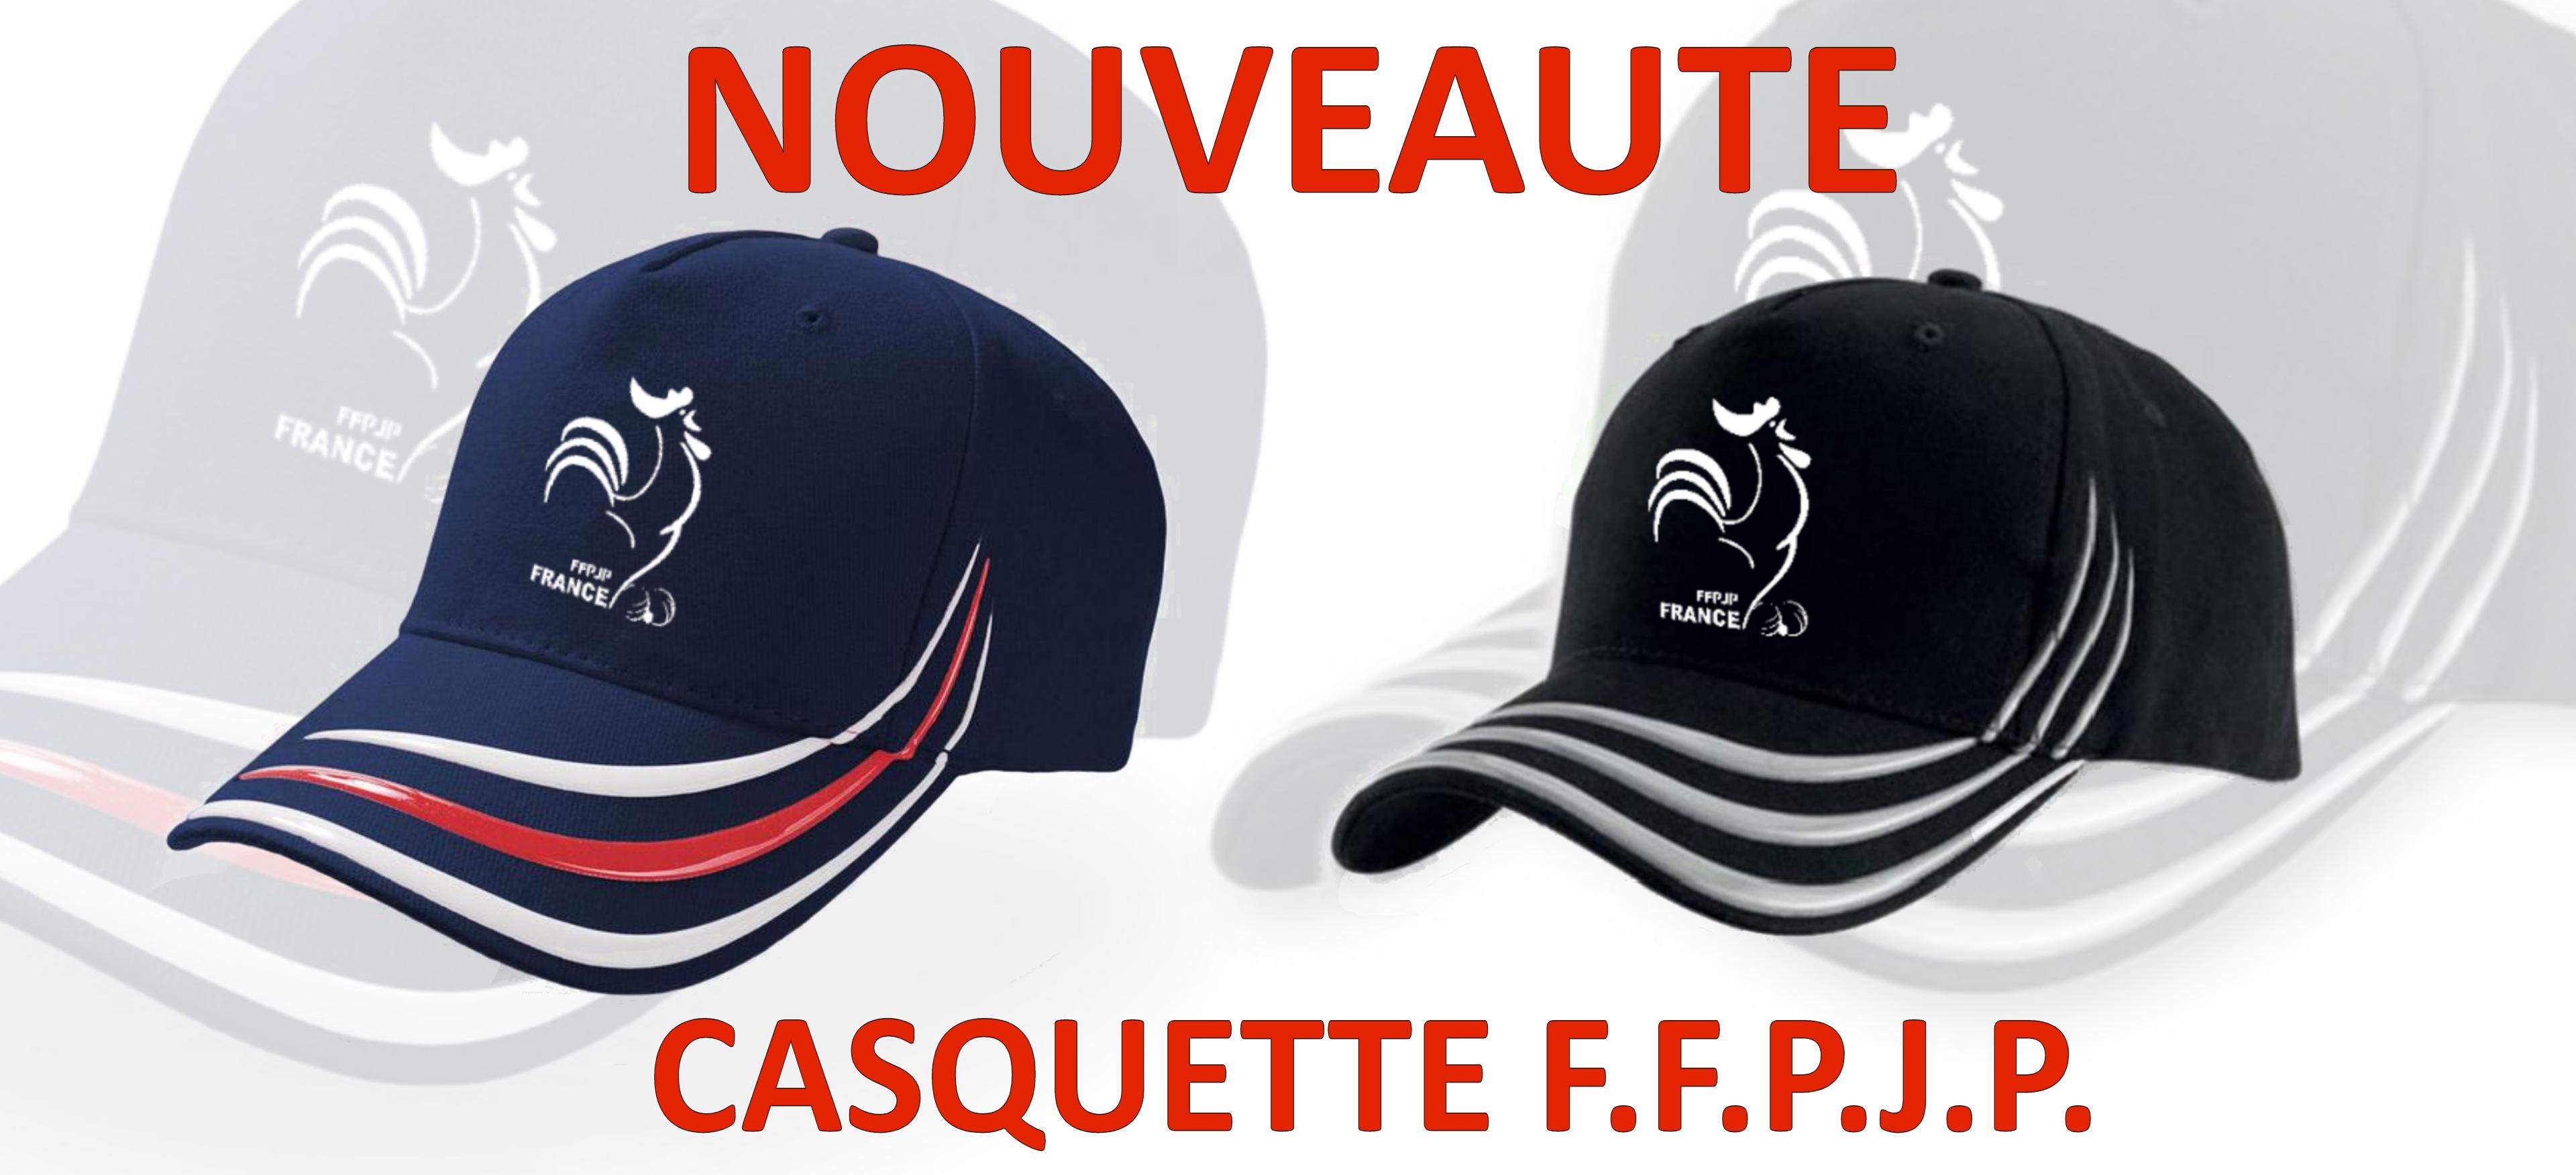 Nouvelle Casquette FFPJP